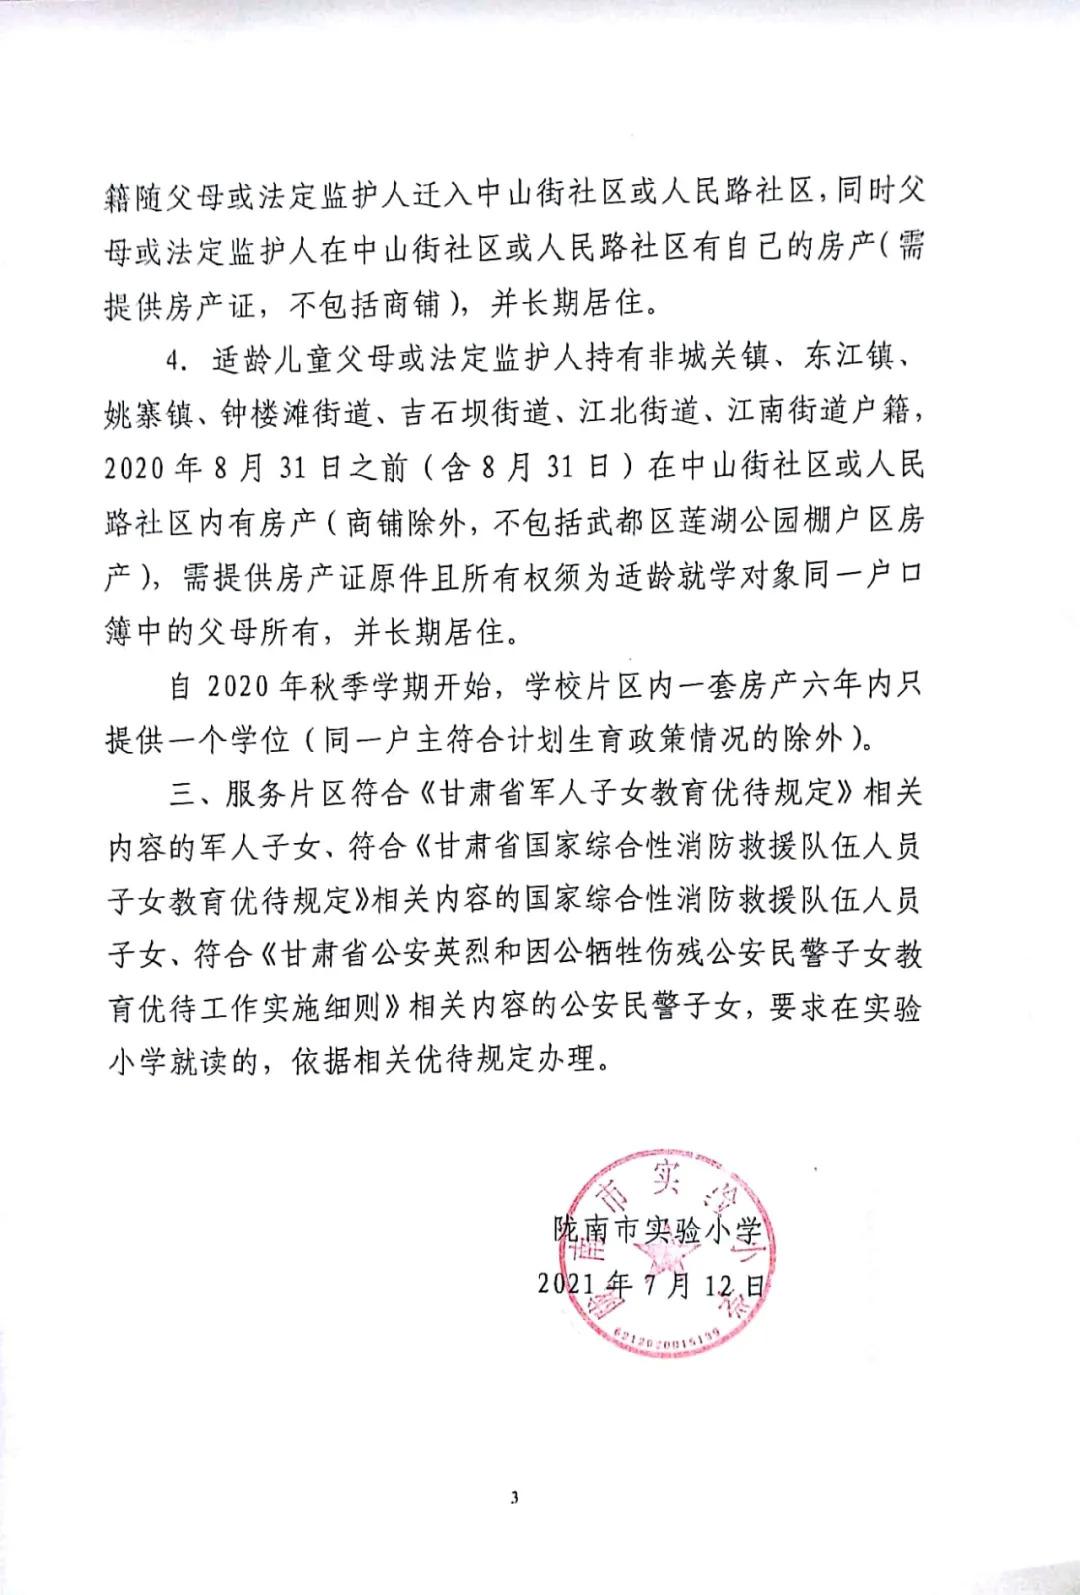 陇南市实验小学2021年一年级新生招生方案及报名须知